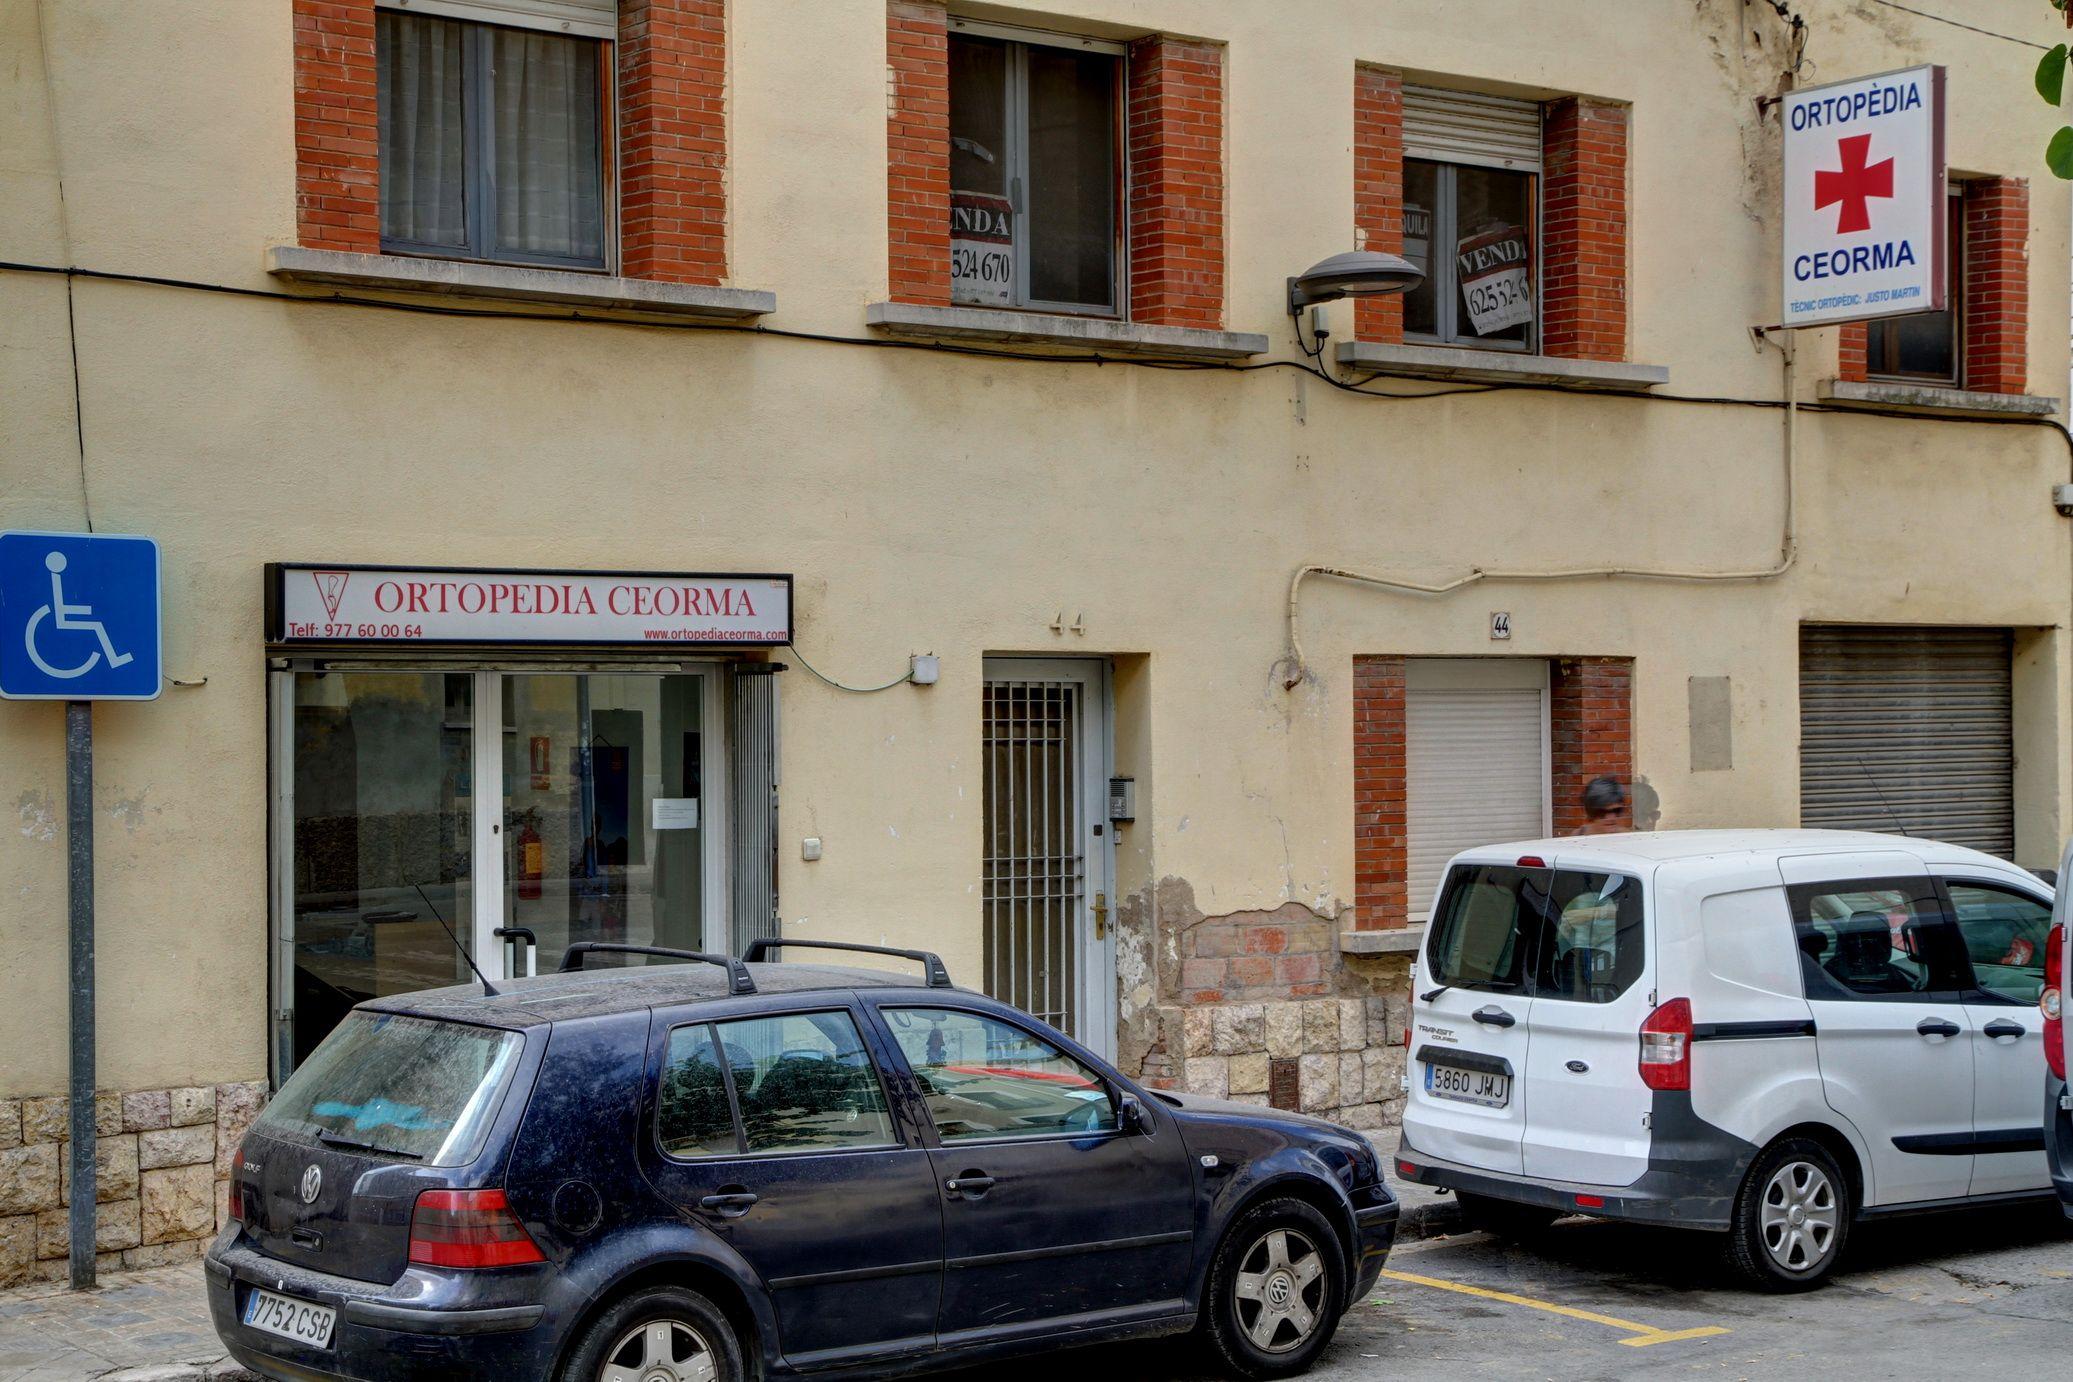 Foto 17 de Ortopedia en Tarragona   Ceorma, S.L.